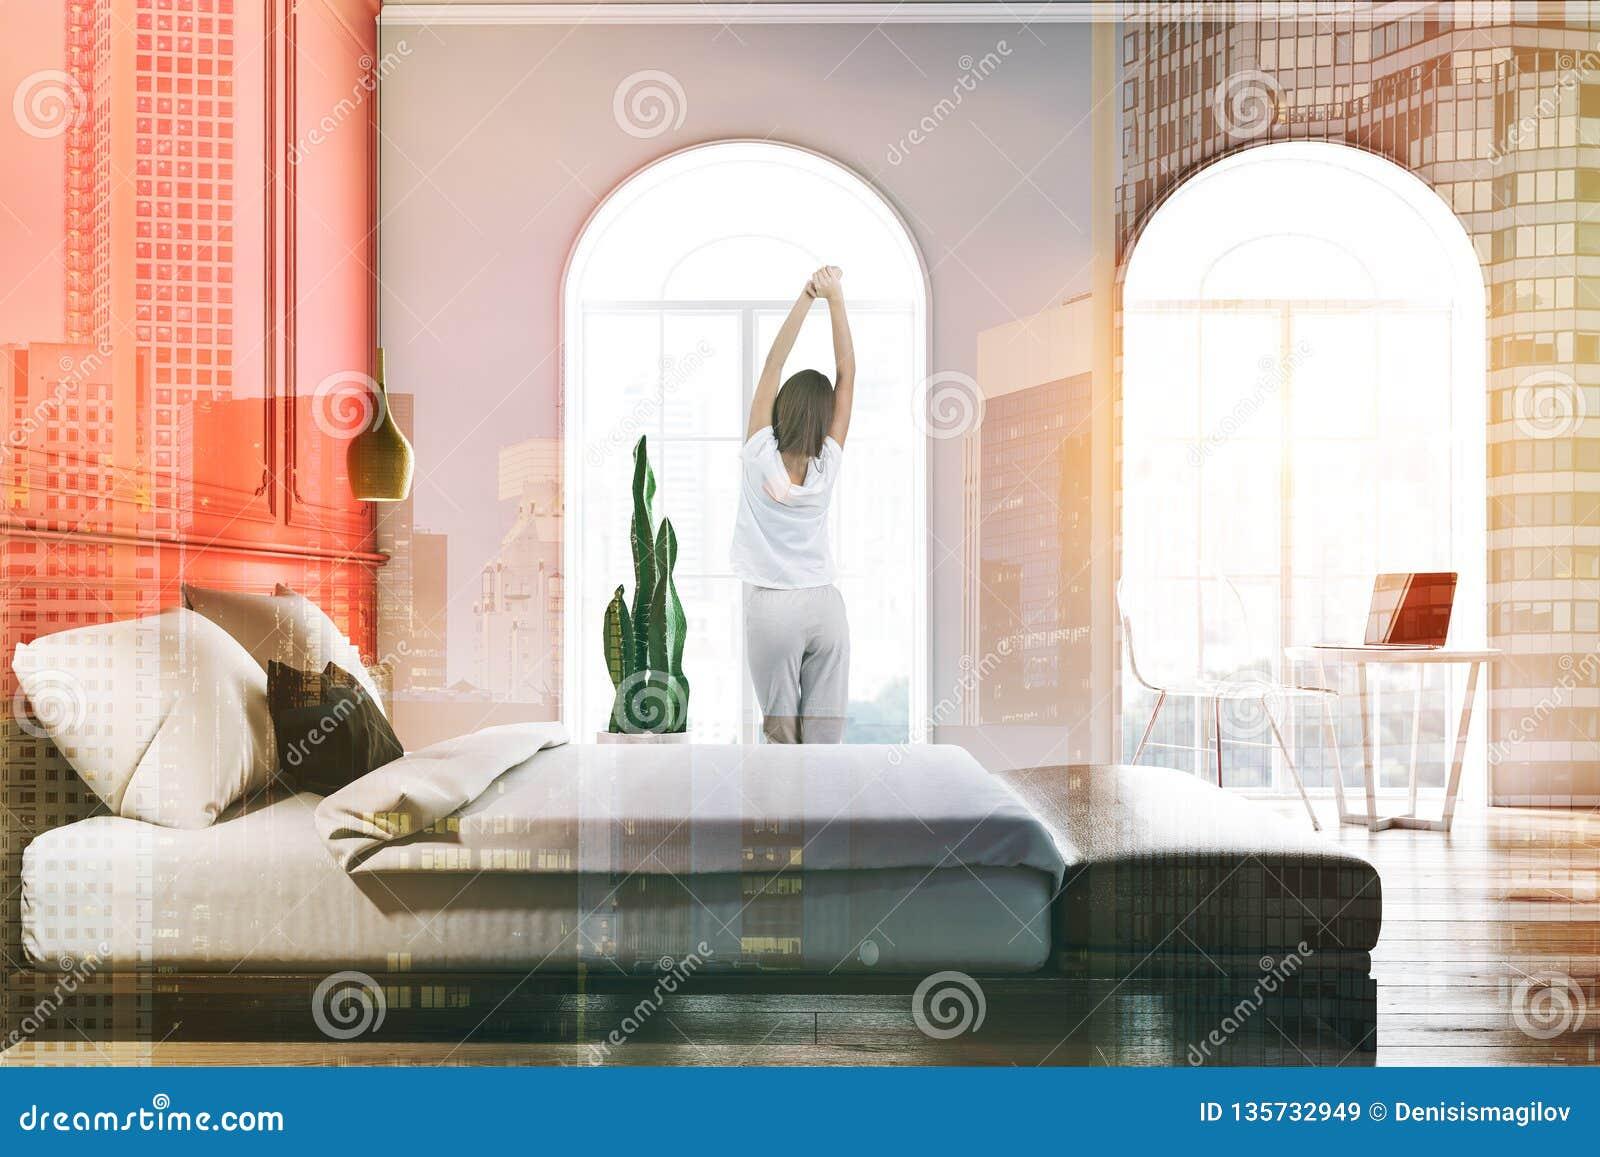 White Red Bedroom Stock Illustrations 2 859 White Red Bedroom Stock Illustrations Vectors Clipart Dreamstime